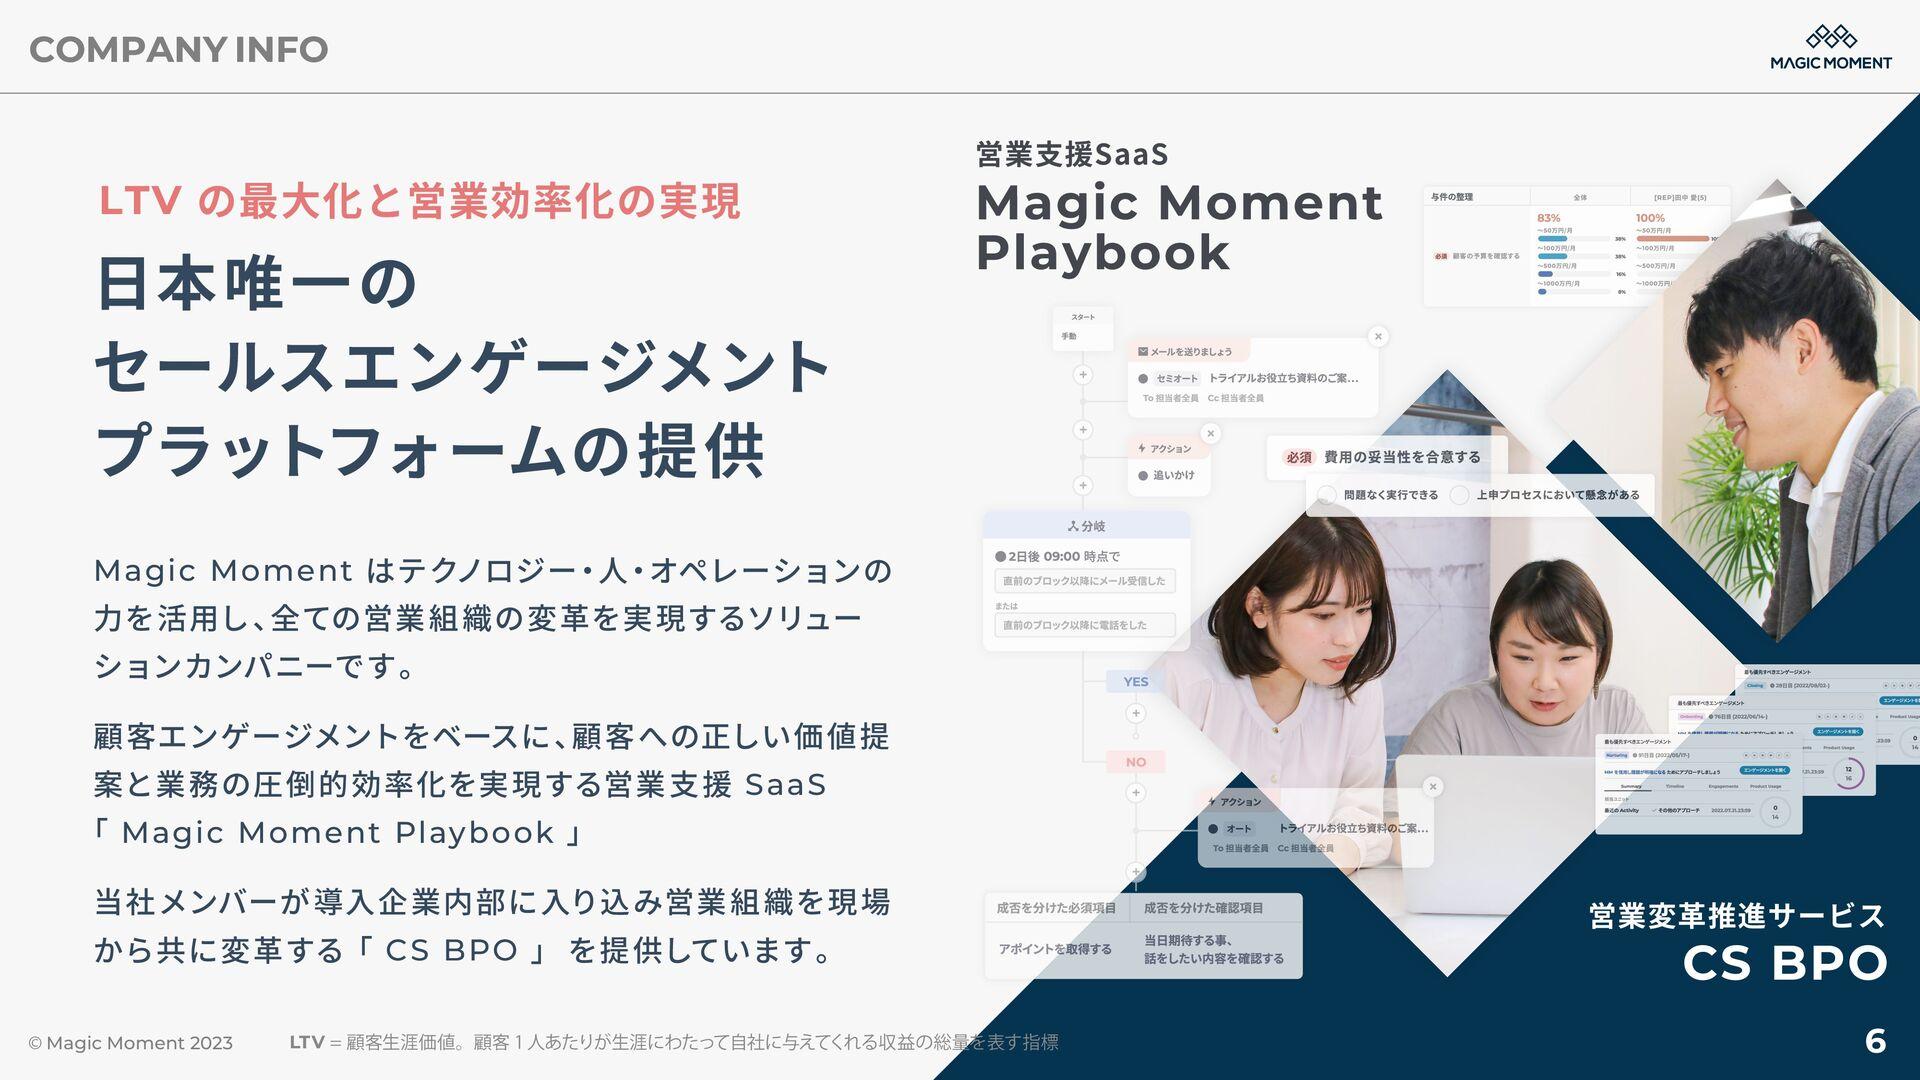 Magic Moment はこんな会社 人間の力が最大限発揮される社会をつくりたいという想いか...